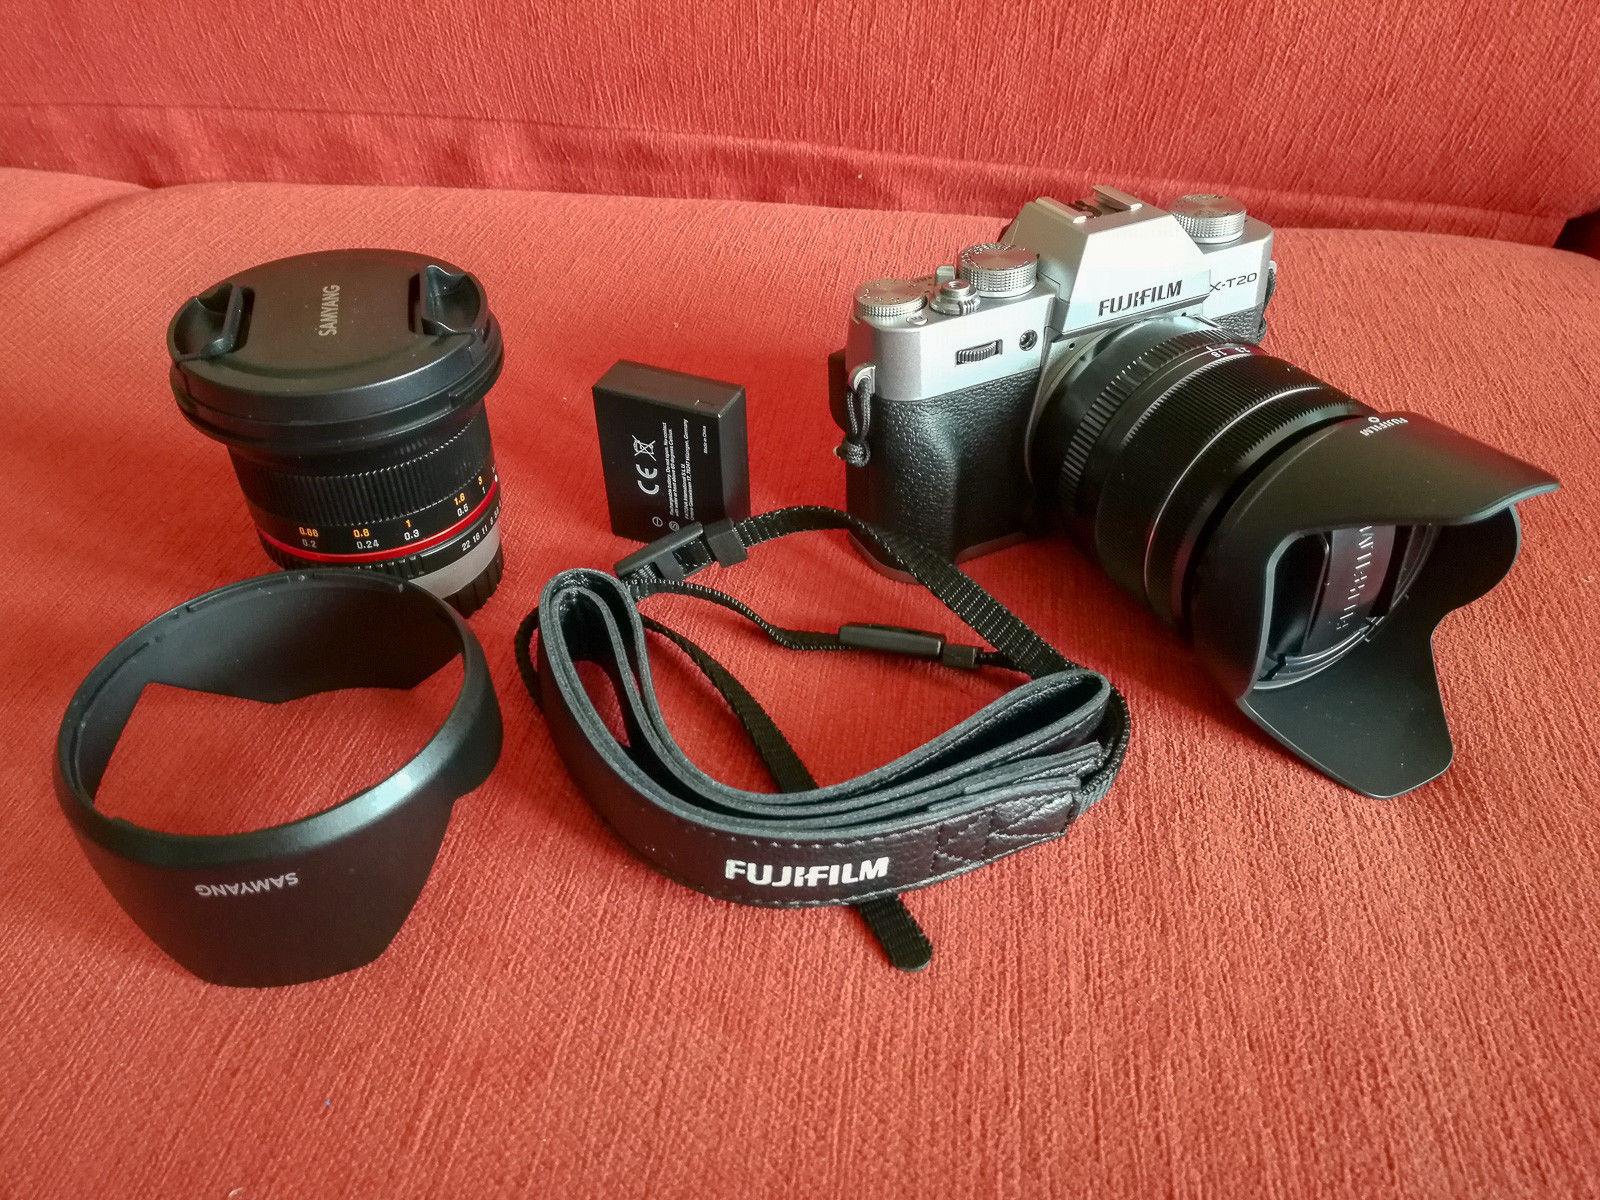 Fujifilm X-T20 incl. 2 Objektive und Zubehörpaket | Neuwertig